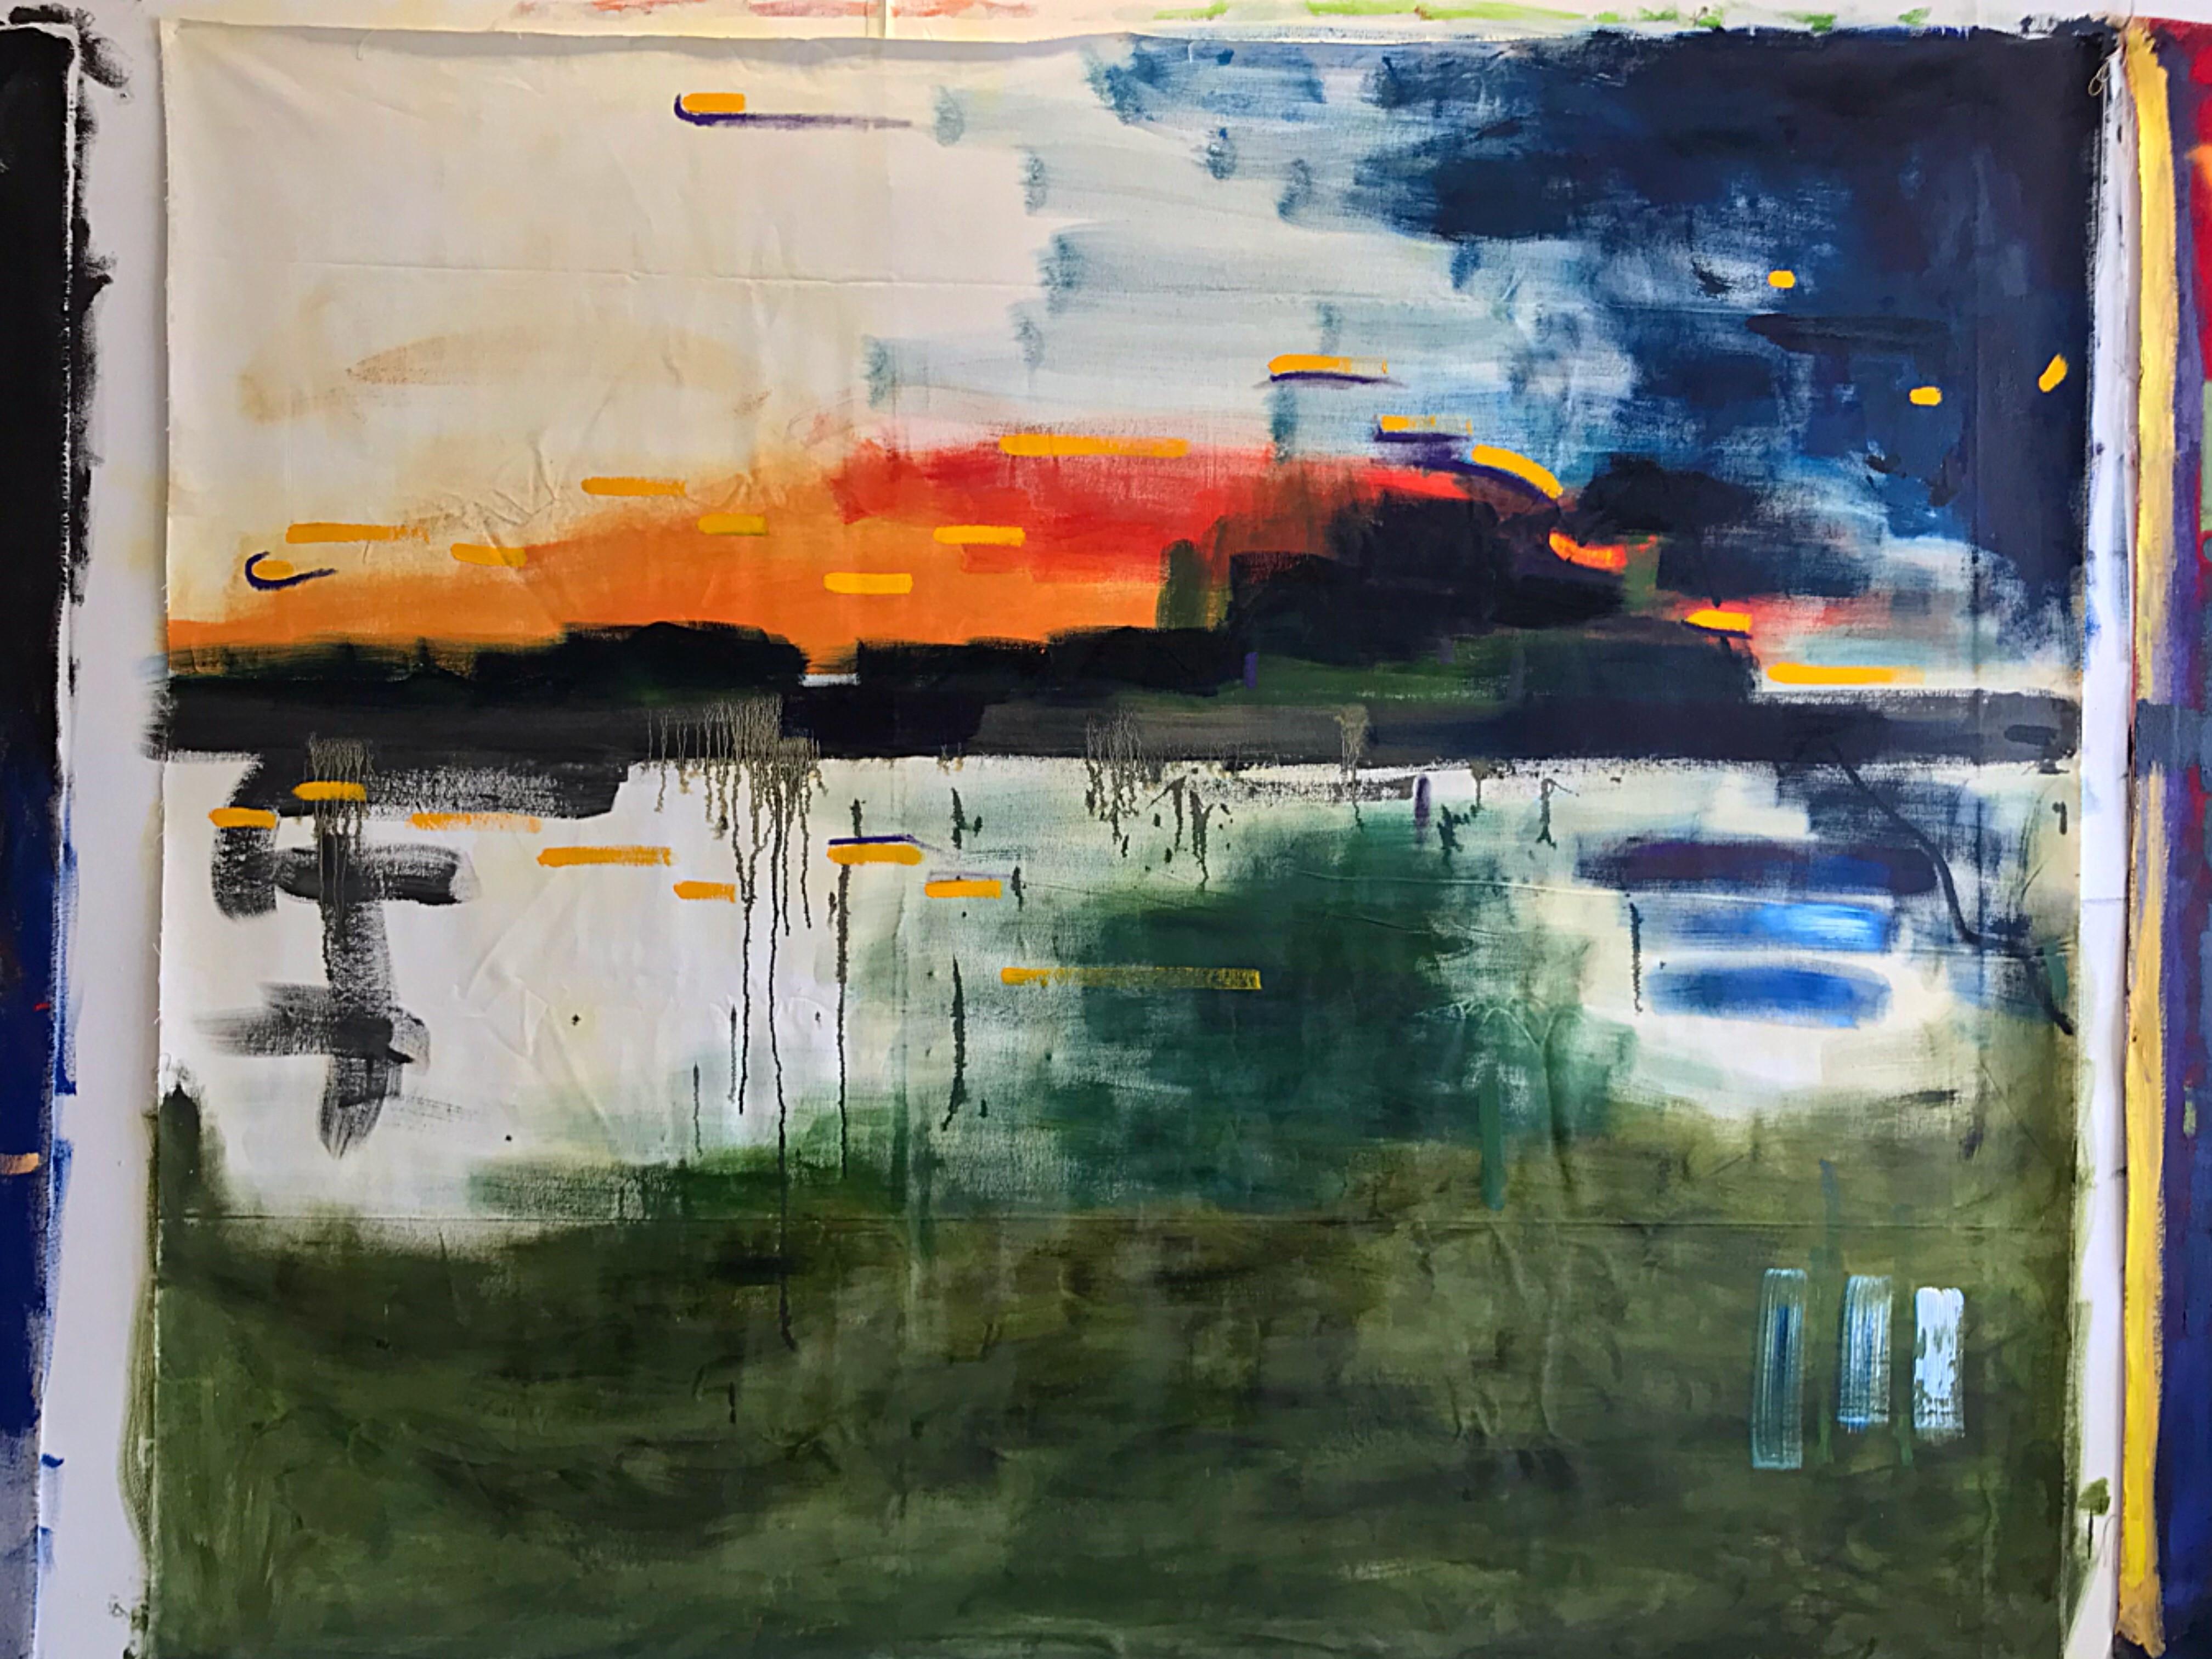 Jeremie Queyras, <em>III. Scène aux champs from Symphonie fantastique by Berlioz</em>, Oil on loose canvas, 200 x 185 cm